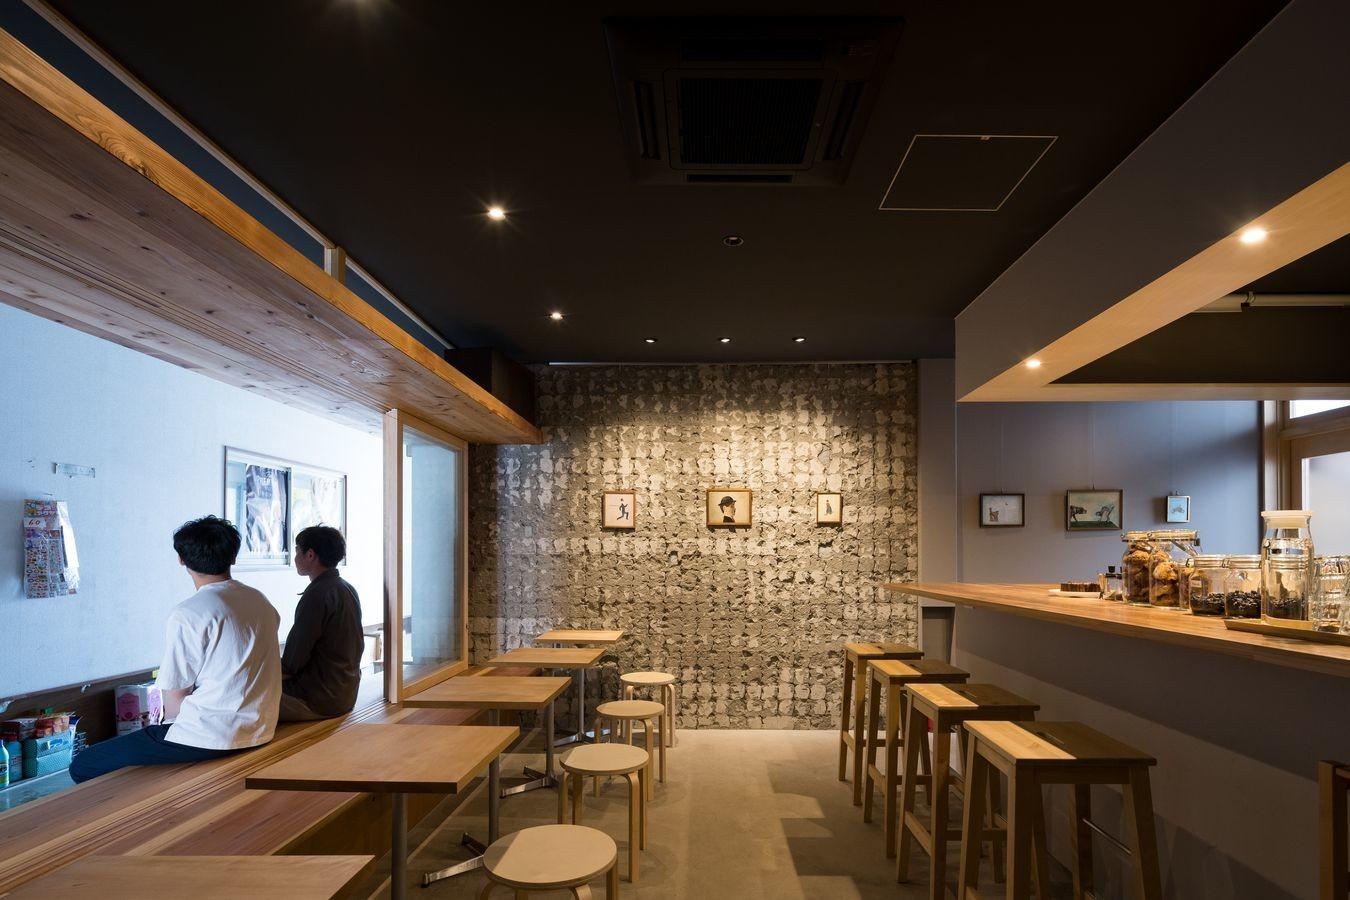 縁側(写真左)の引戸をあけると縁側とカフェが繋がります。ミニギャラリーとなる正面の壁は、かつて市場だったころのタイルの跡が残るモルタル。写真:西川公朗 | 脇町珈琲 ― 縁側のある小さなカフェ ―